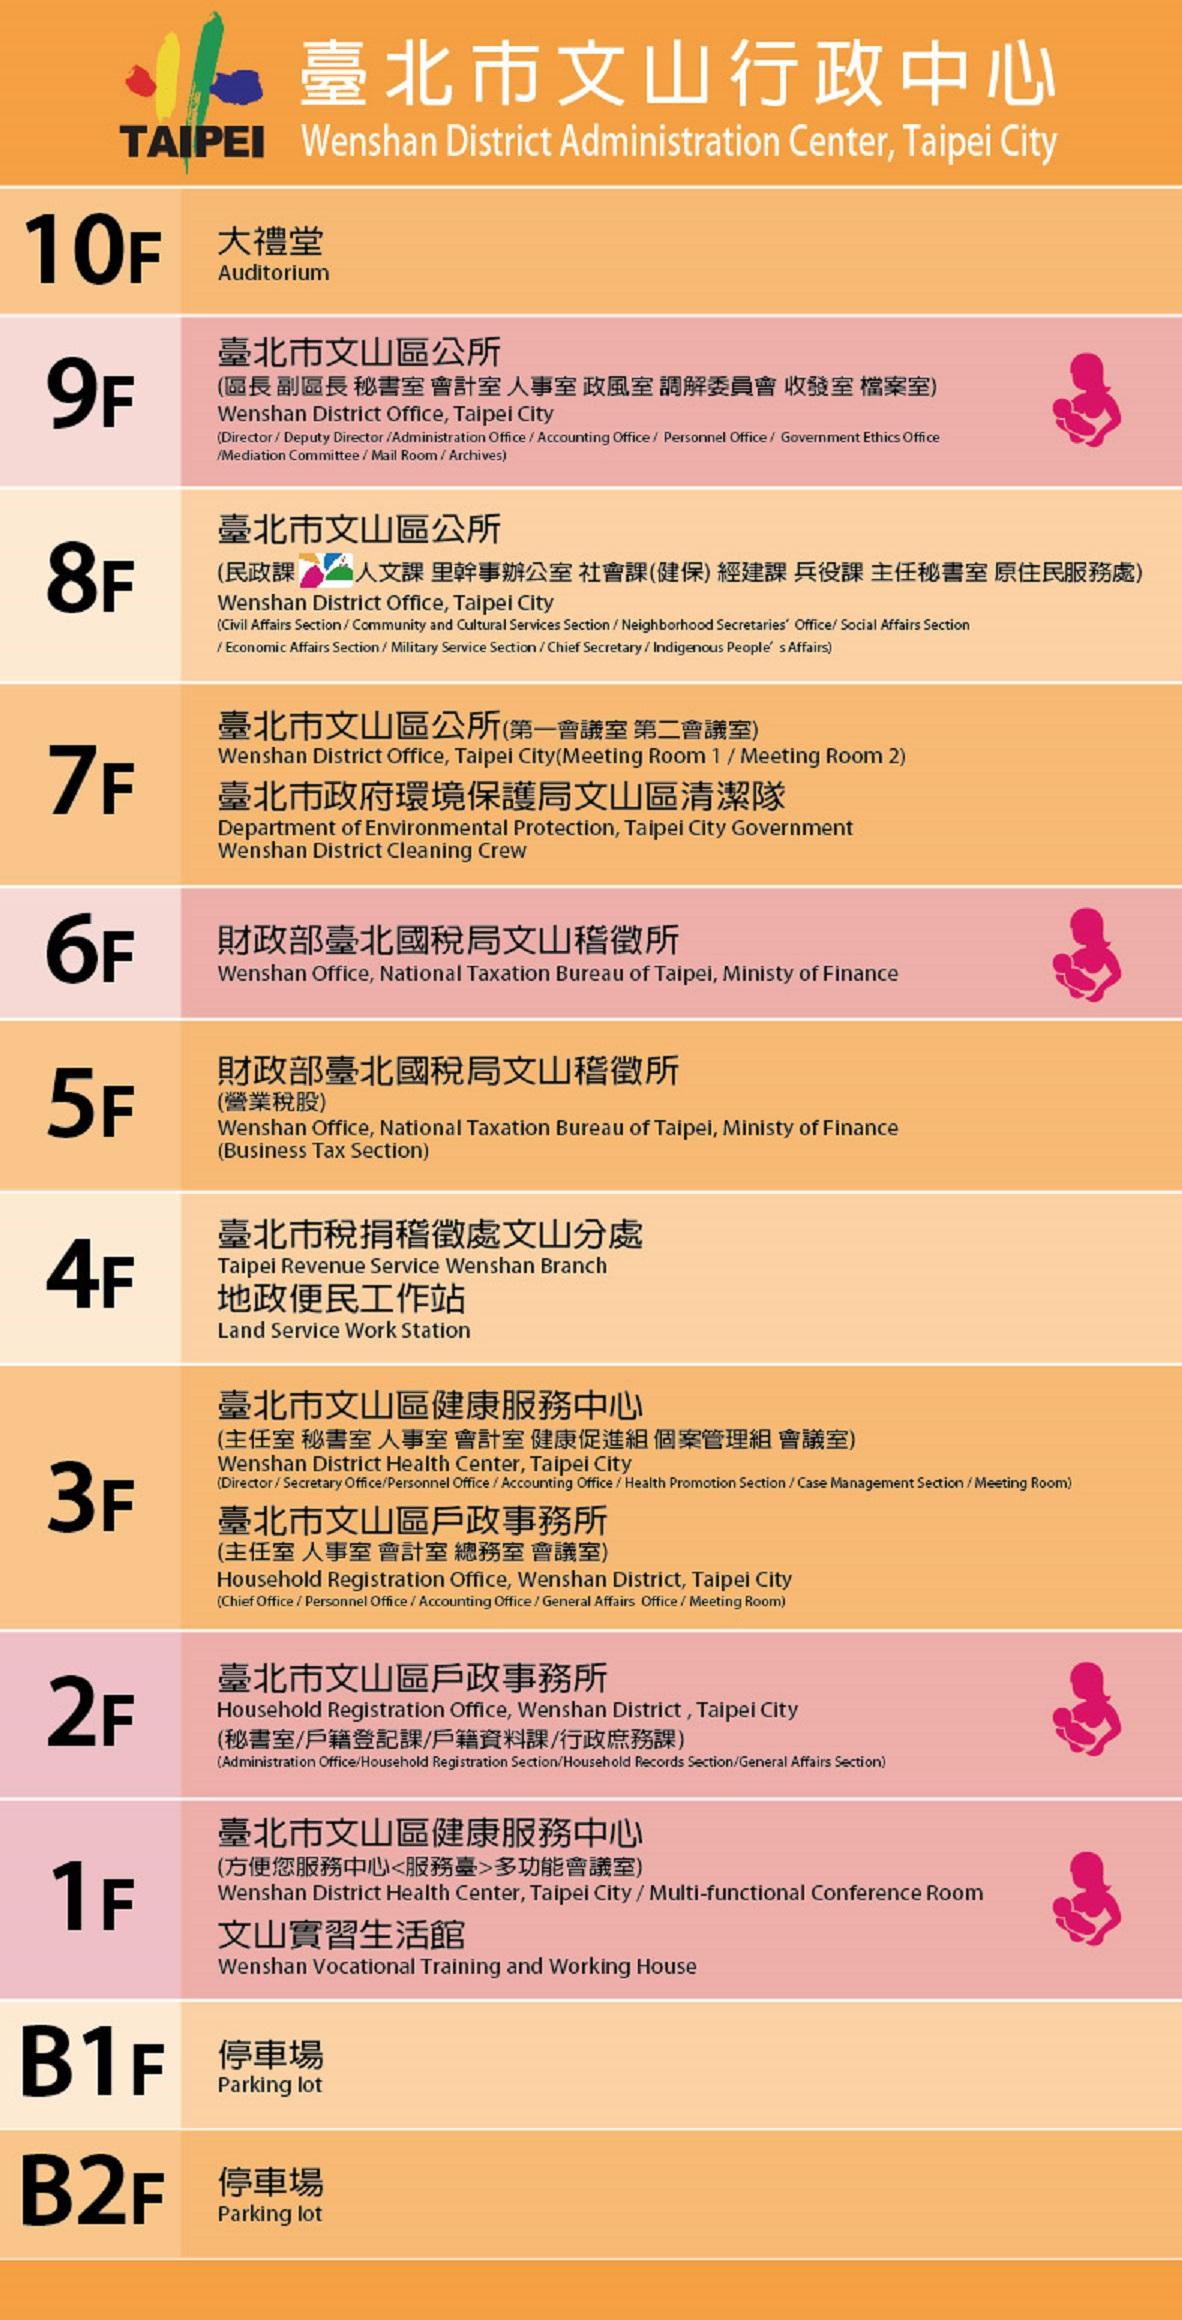 文山區行政中心樓層圖